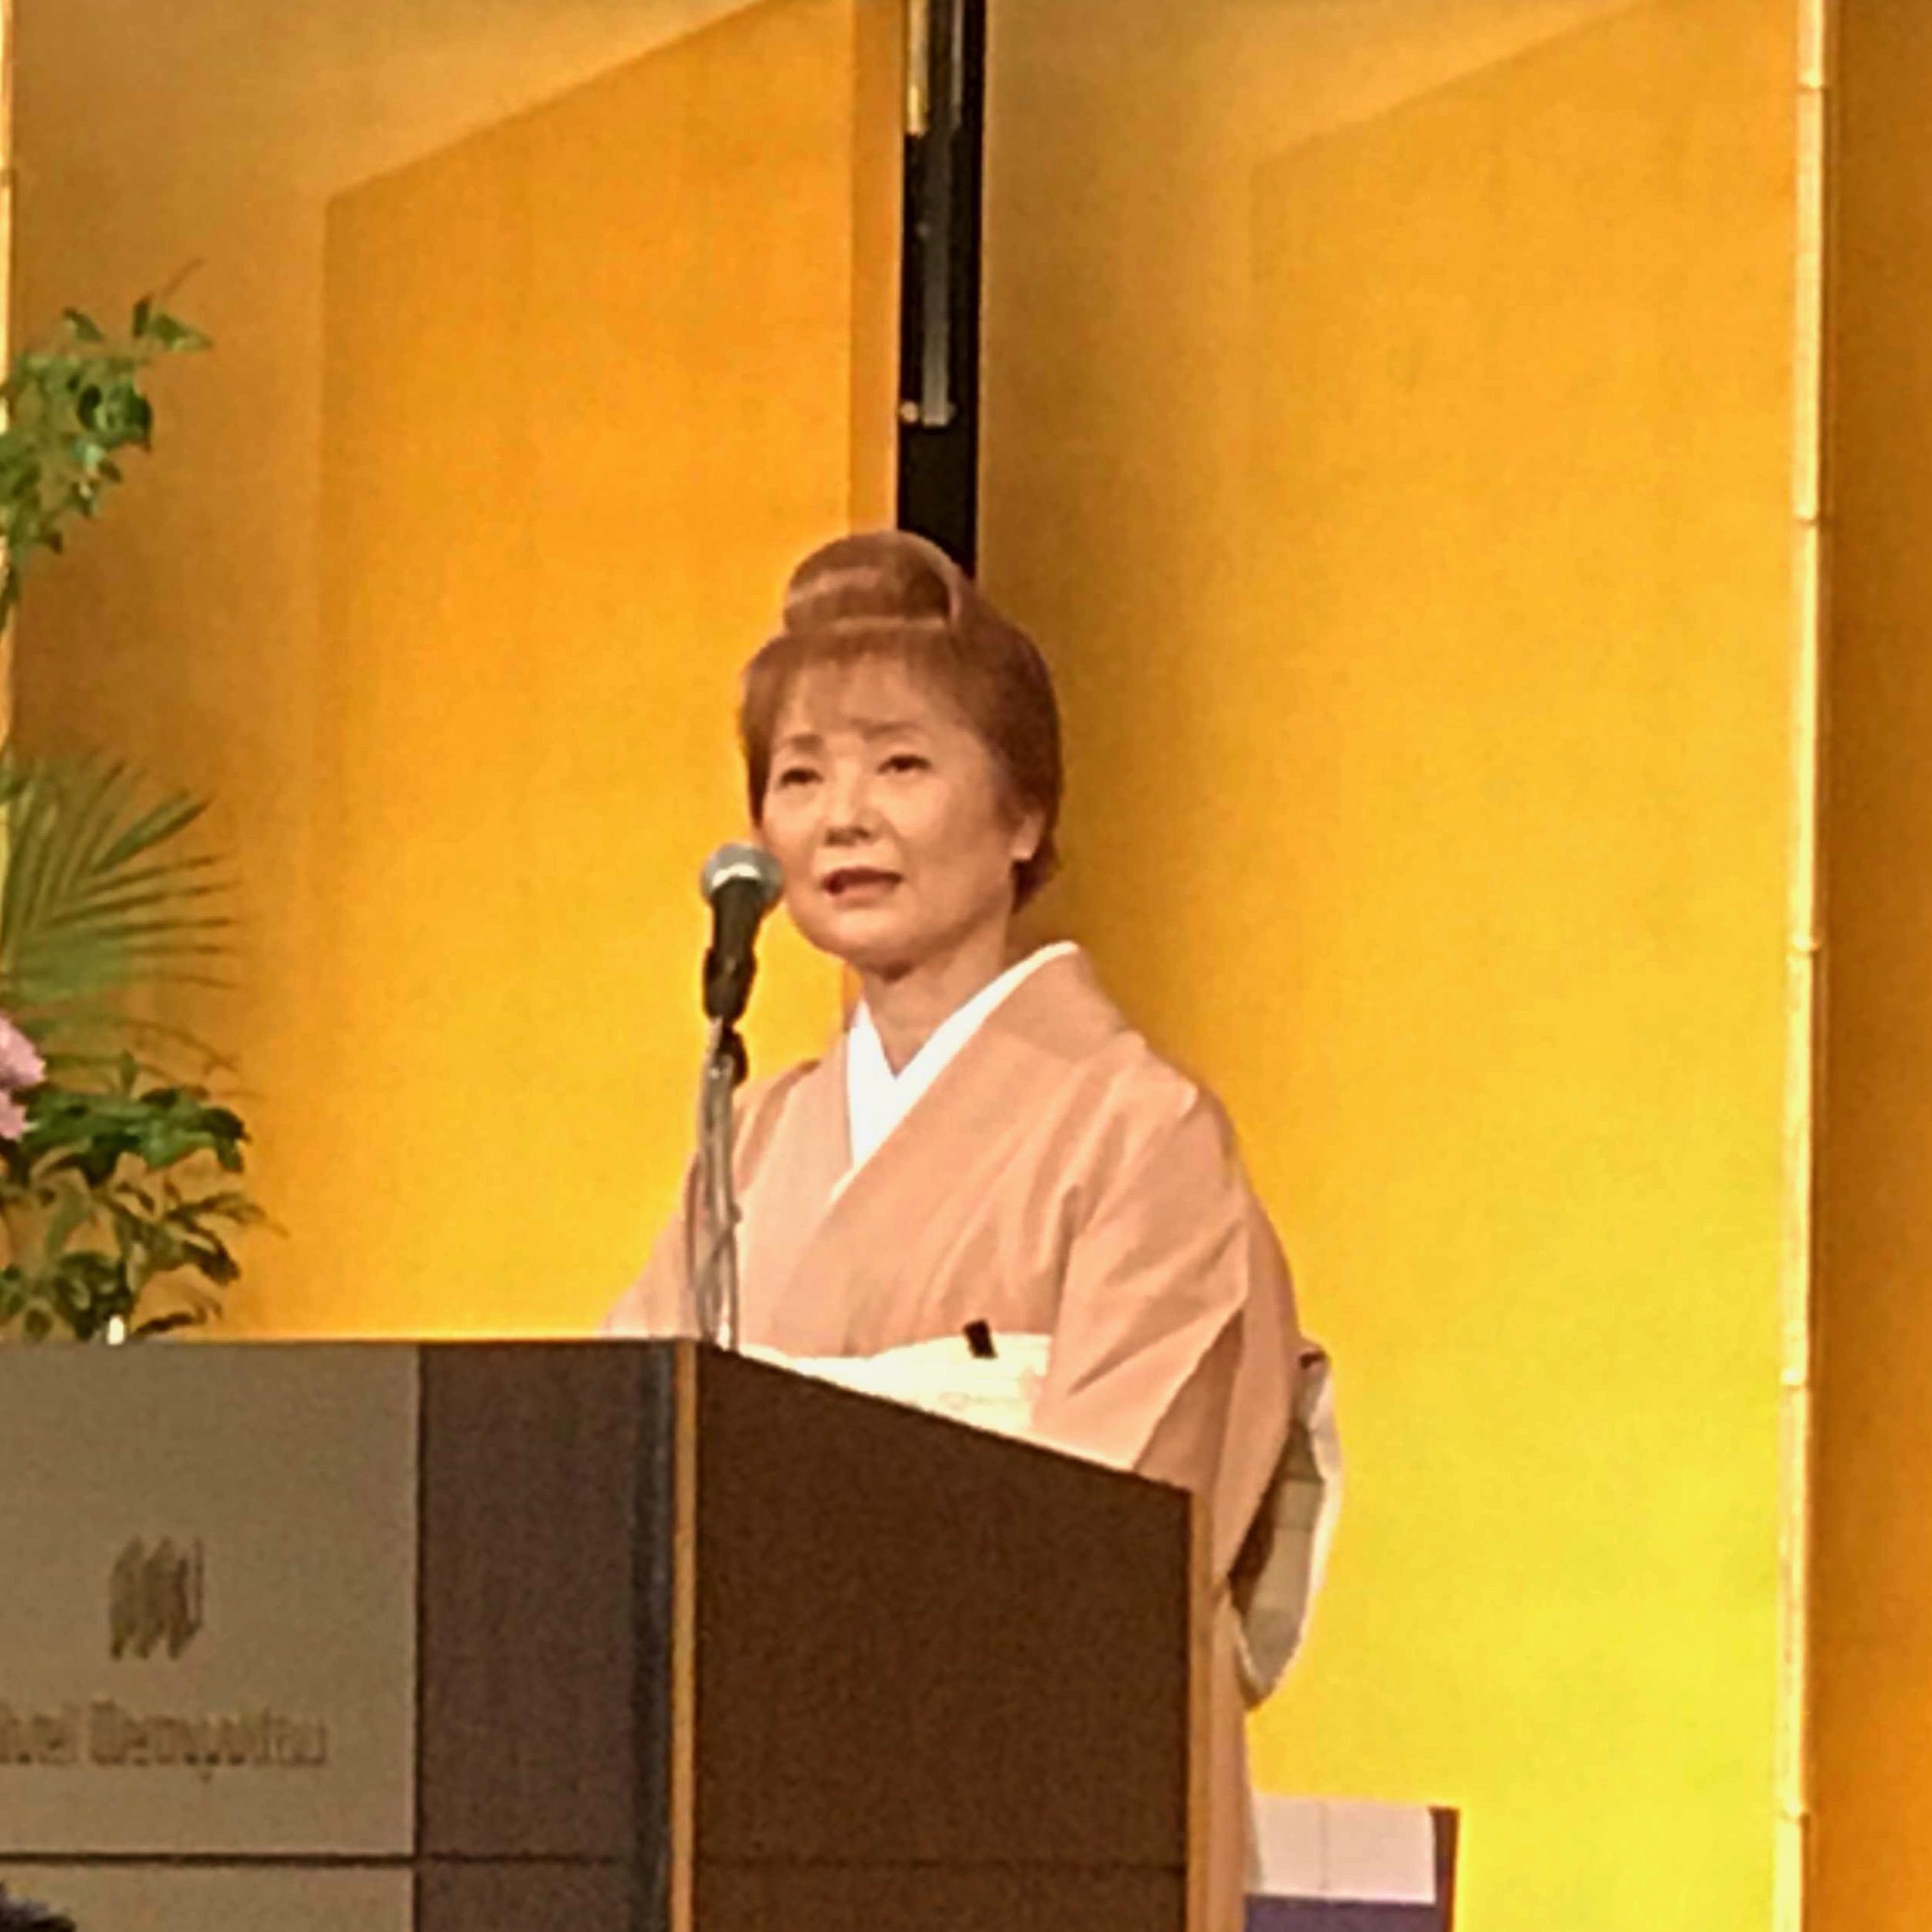 東京総合美容専門学校 平成29年度 卒業式